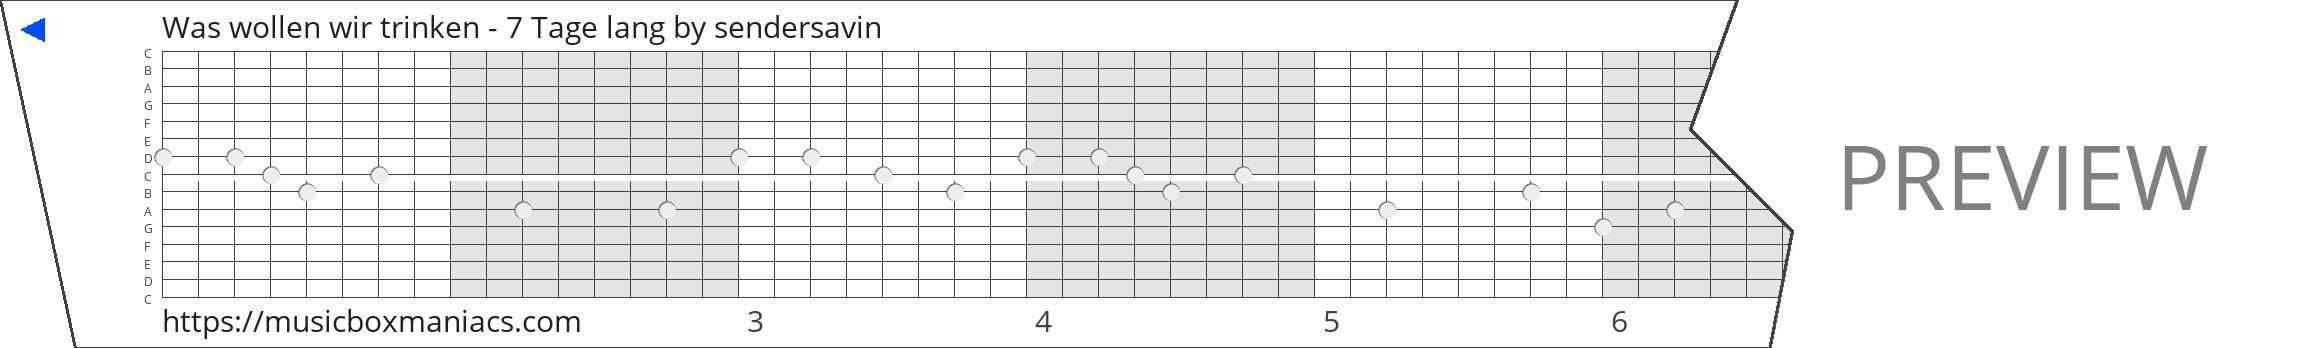 Was wollen wir trinken - 7 Tage lang 15 note music box paper strip